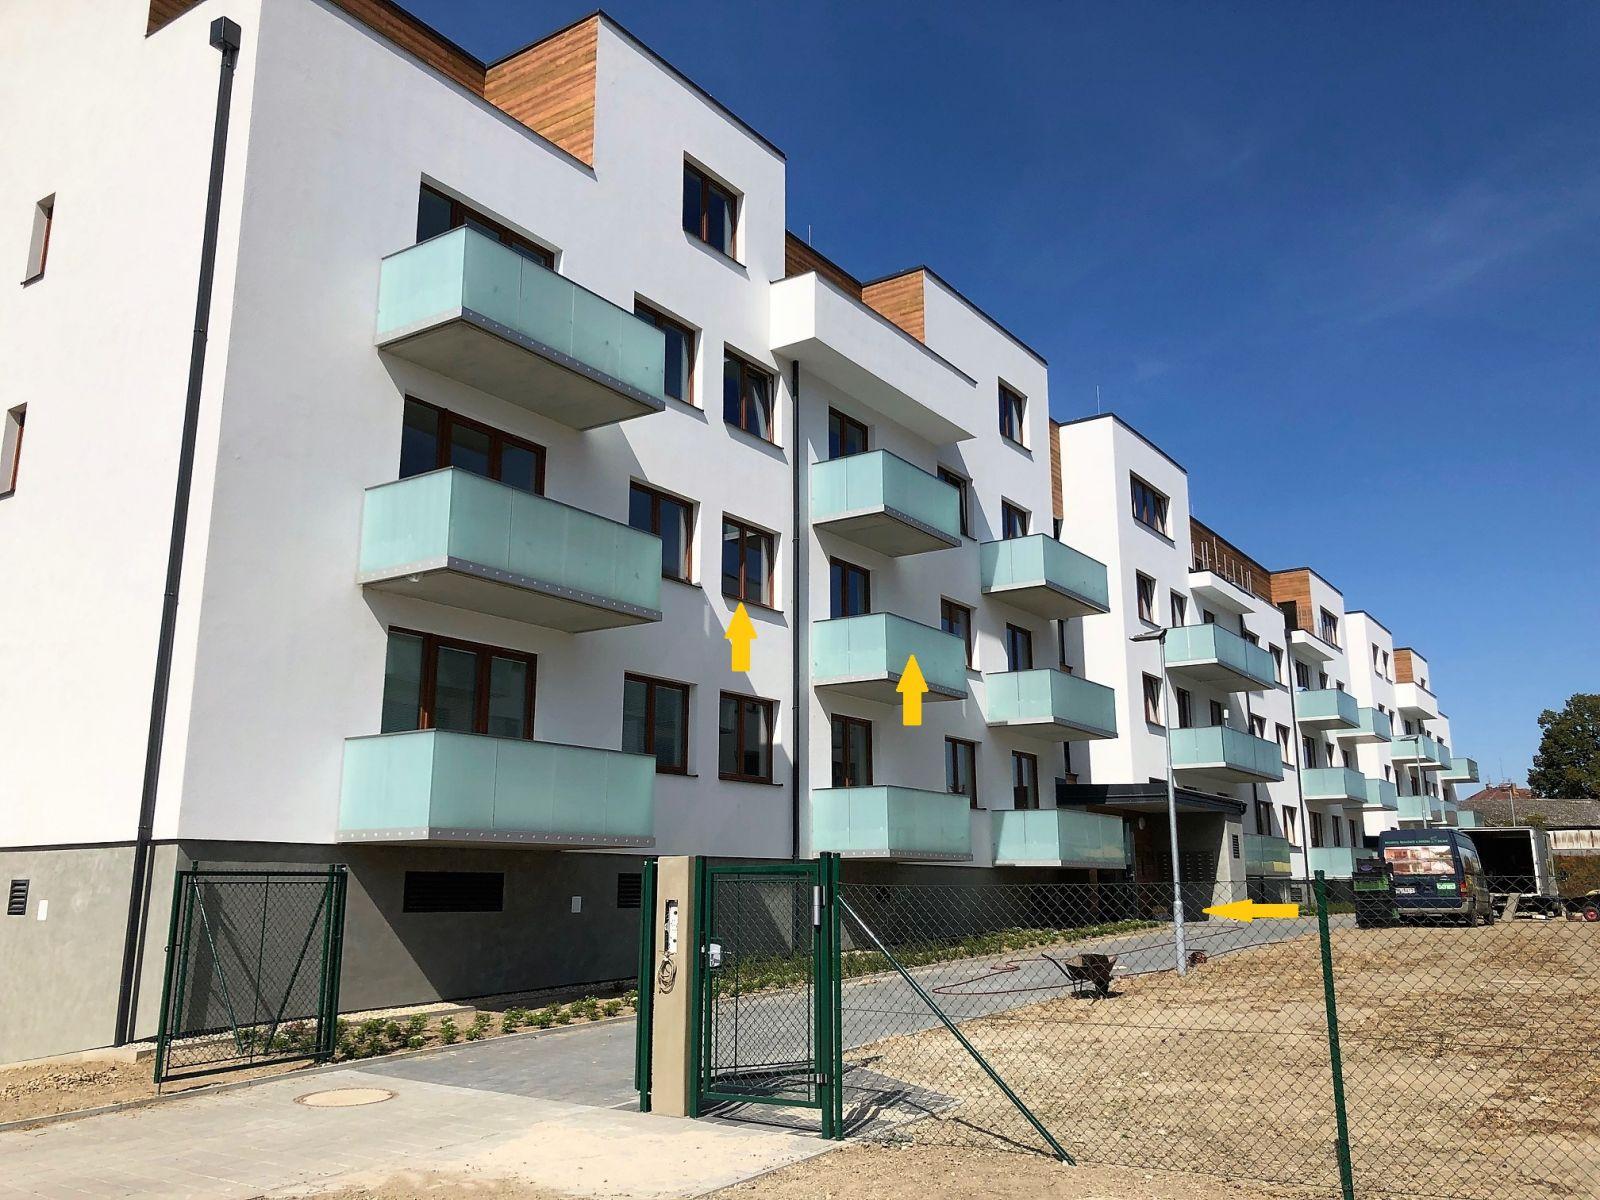 Pronájem nového bytu 2+kk s GS v Olomouci - tř. Jiřího Pelikána